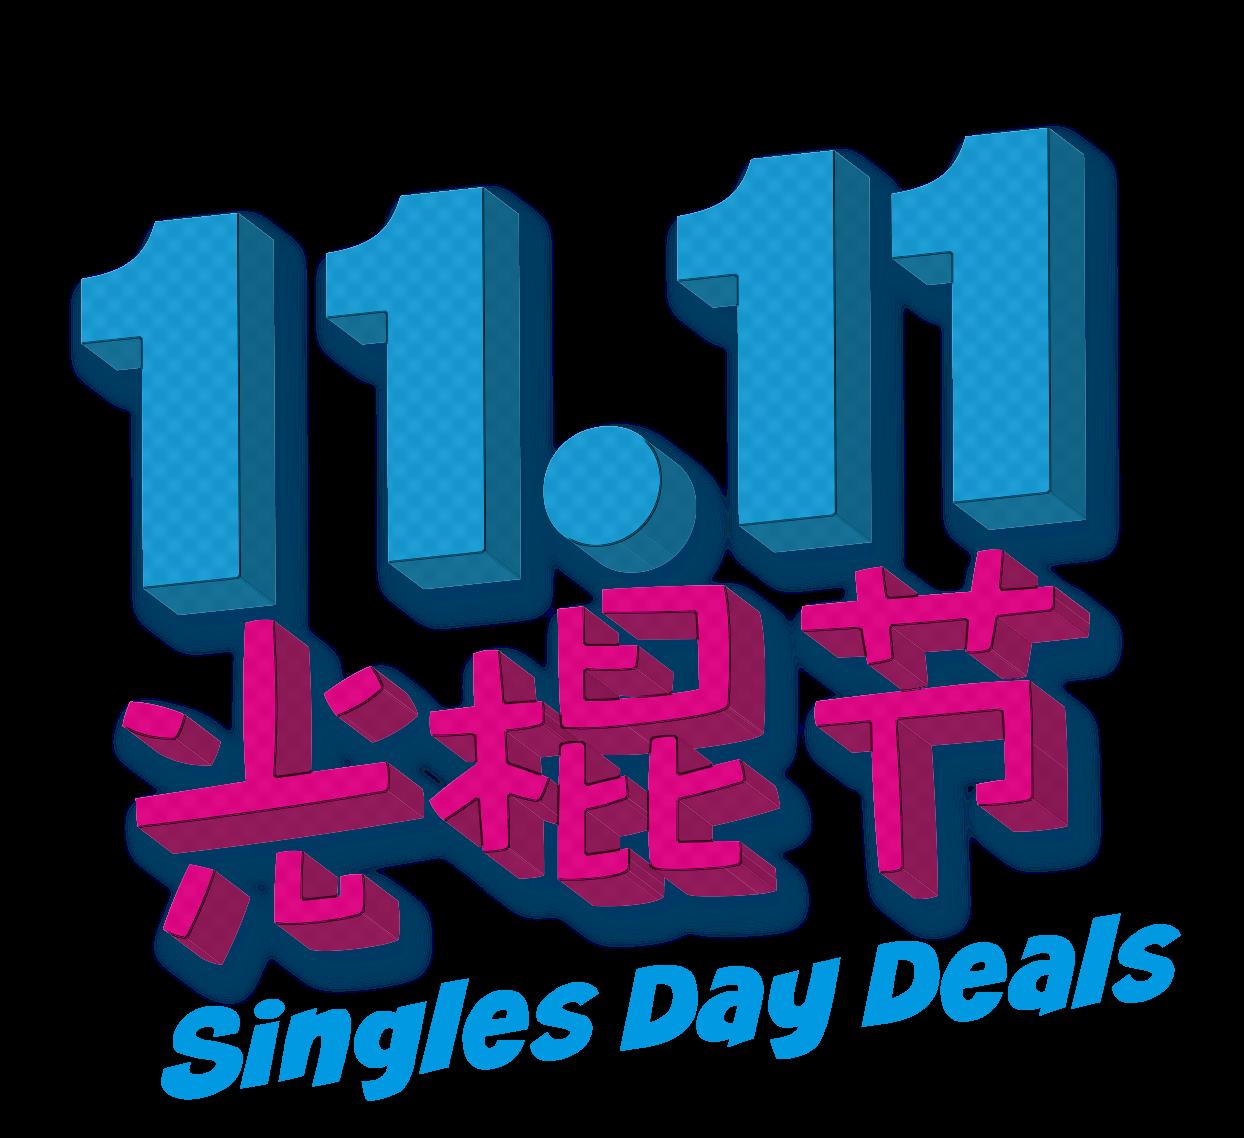 I'm Celebrating Singles Day 11.11 - Shopping Kim